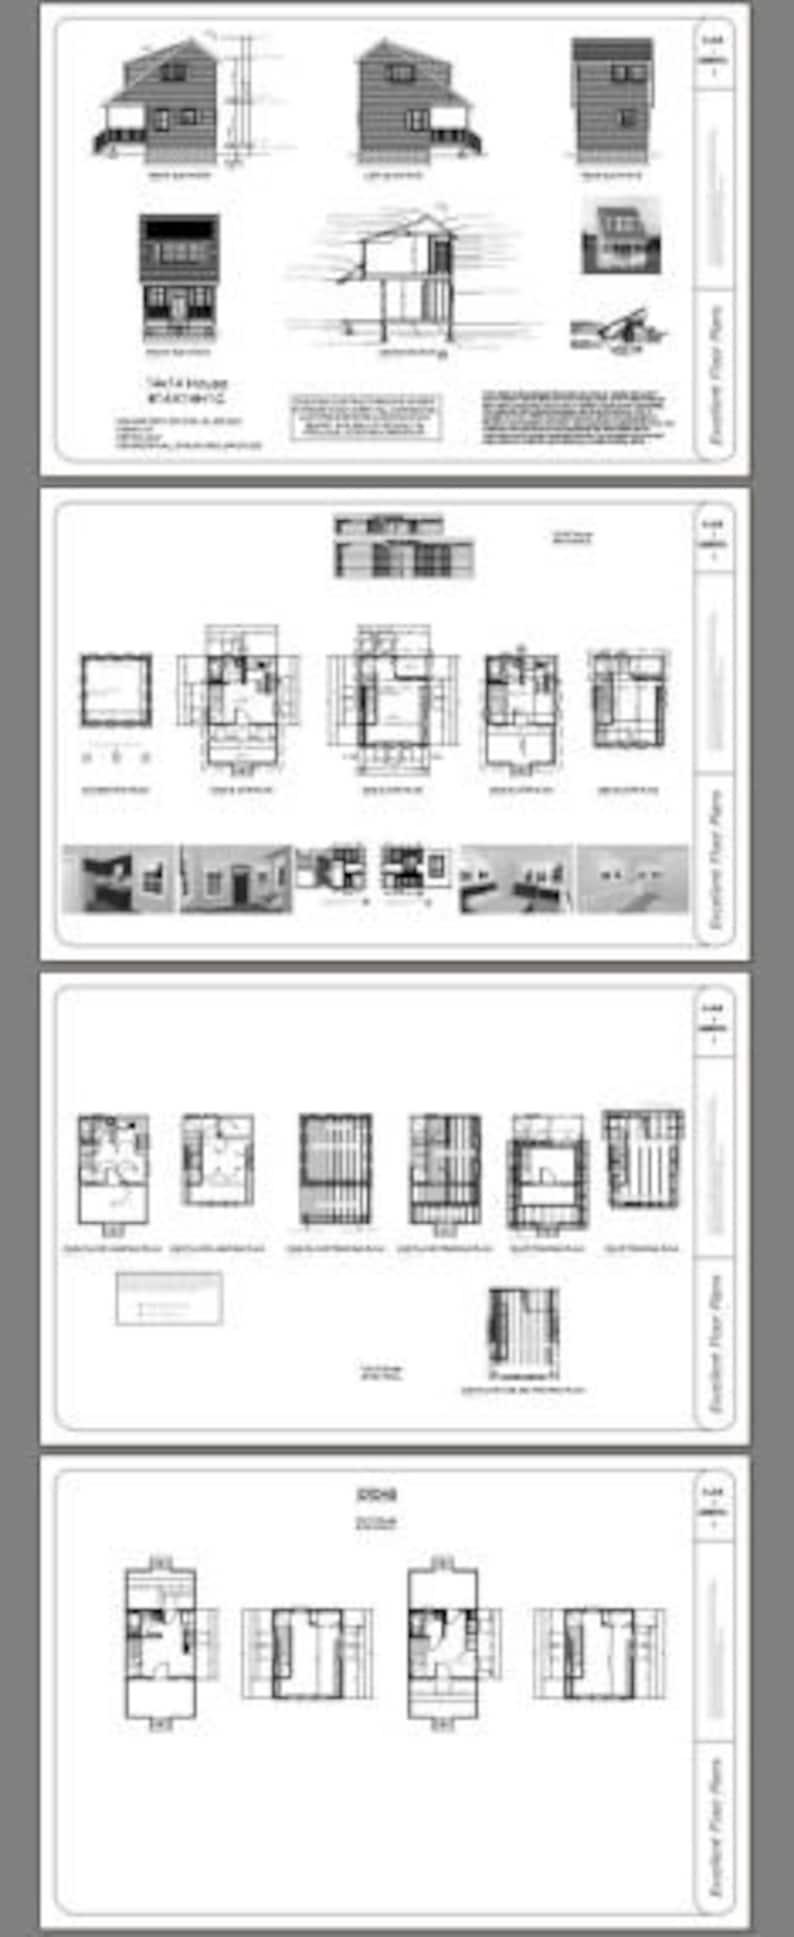 14x14 House 1-Bedroom 1-Bath PDF Floor Plan 399 sq ft Instant Download Model 1C